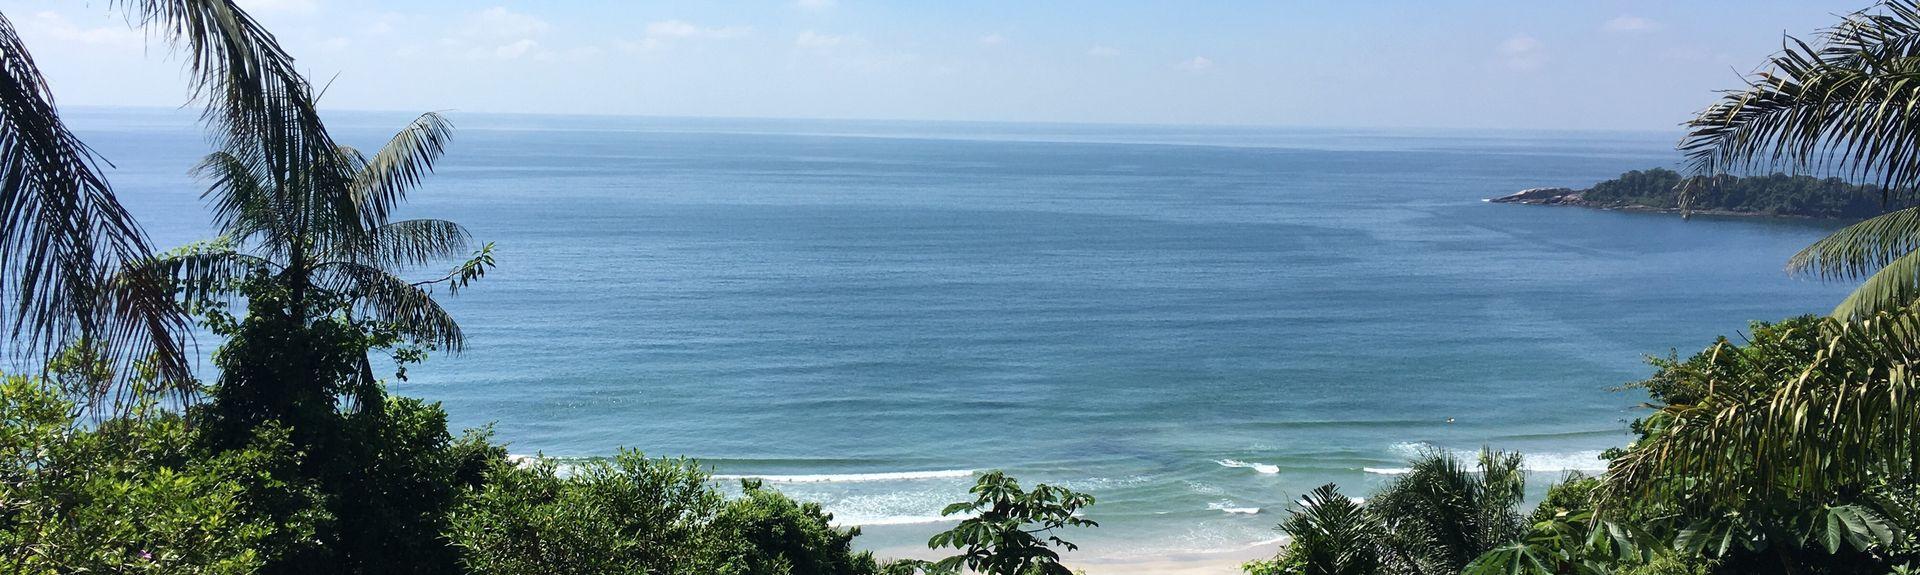 Praia Vista Linda, Bertioga, São Paulo, Brazilië